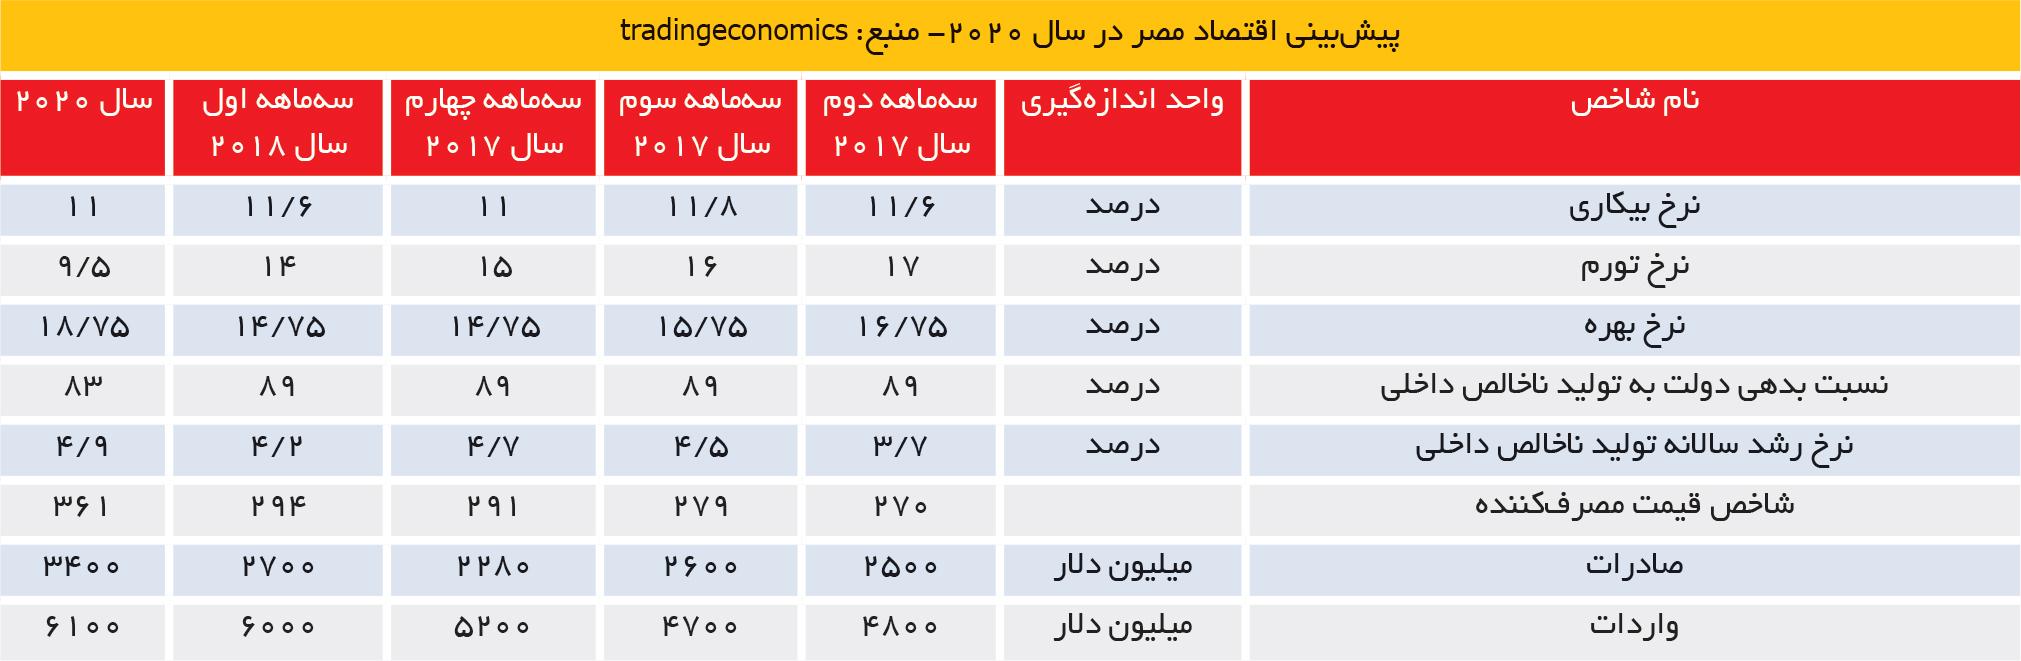 تجارت- فردا- پیشبینی اقتصاد مصر در سال 2020- منبع: tradingeconomics